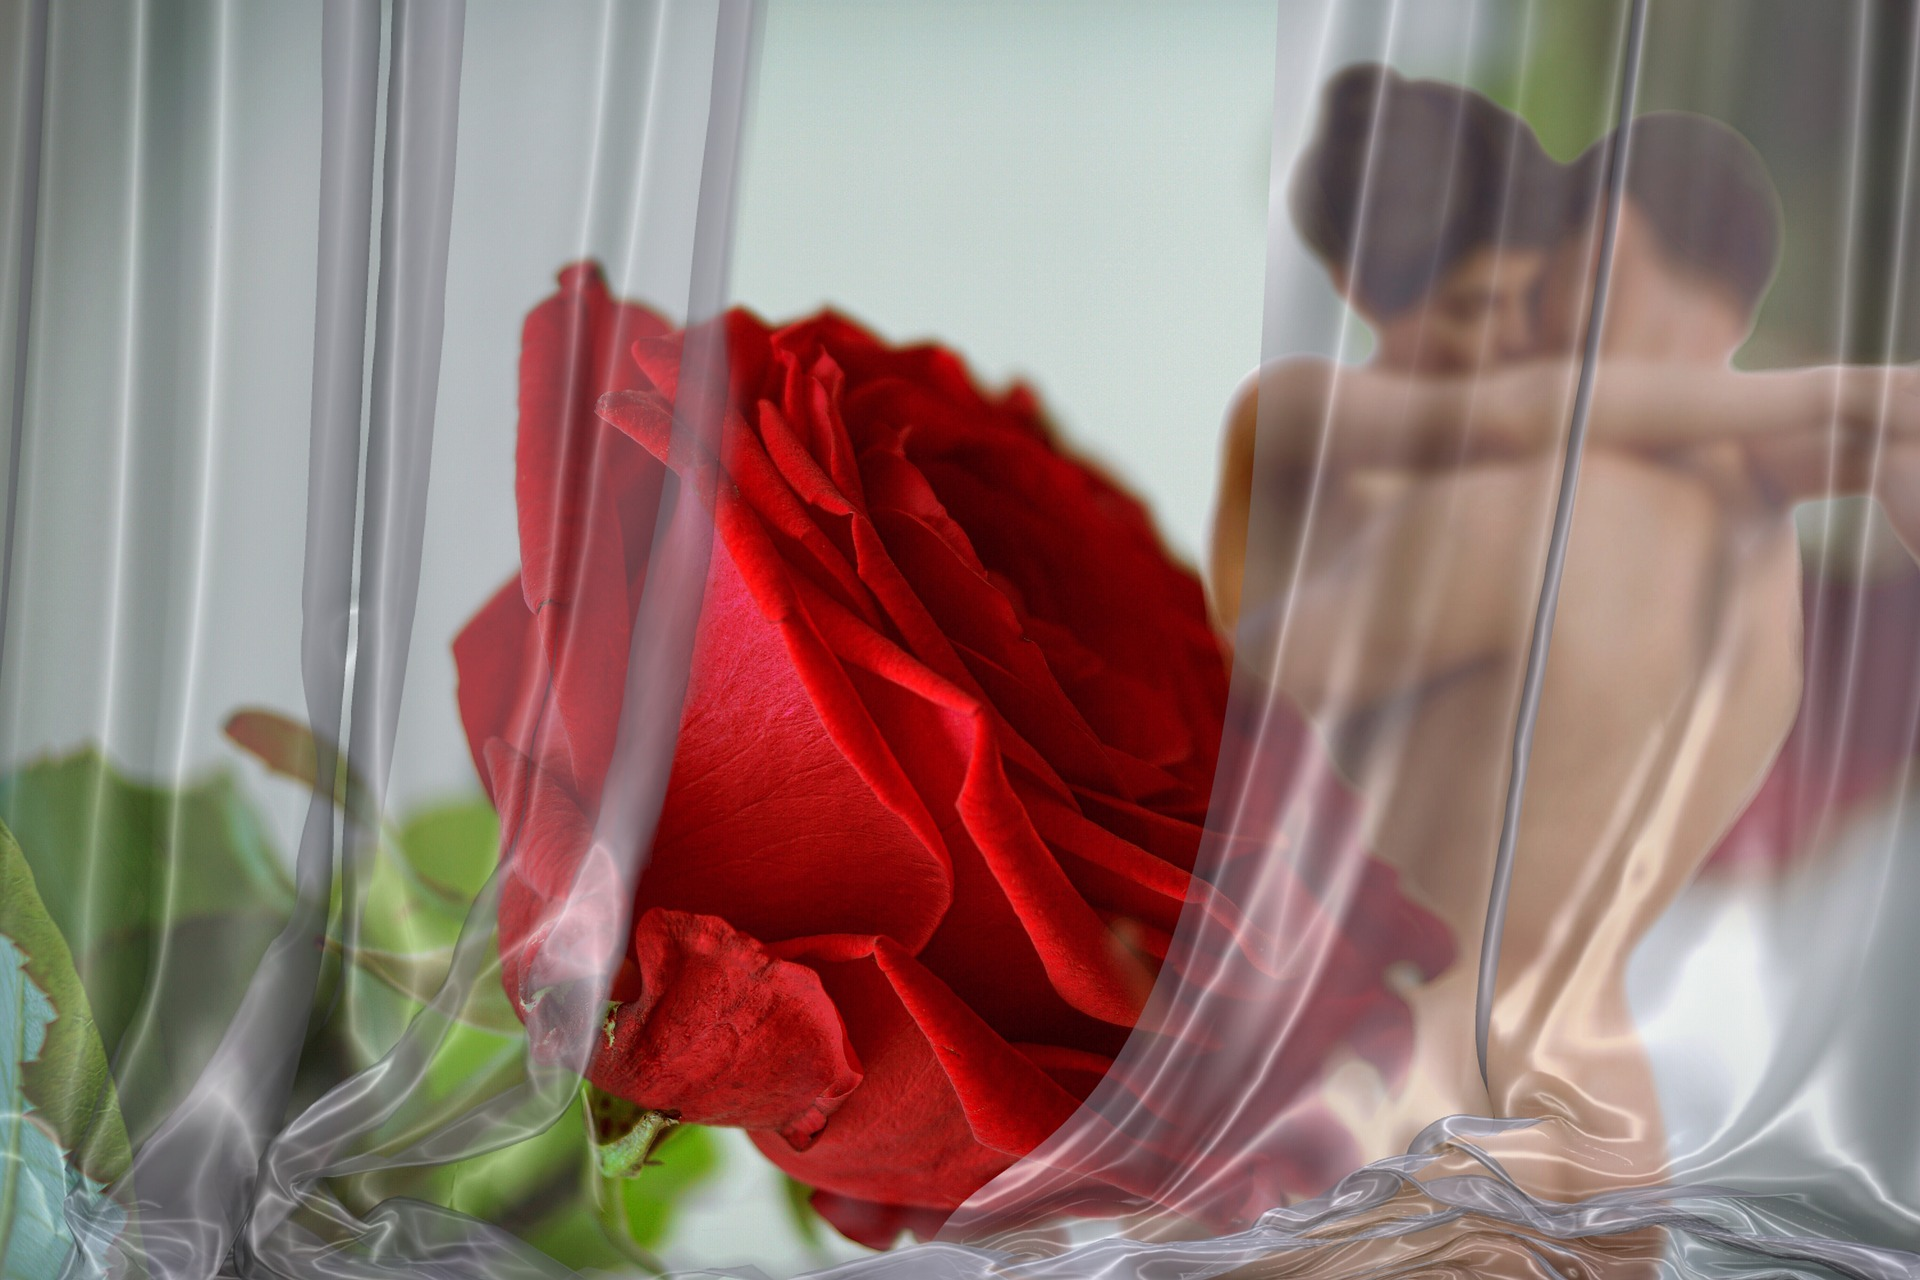 cum să prelungiți erecția fără pastile